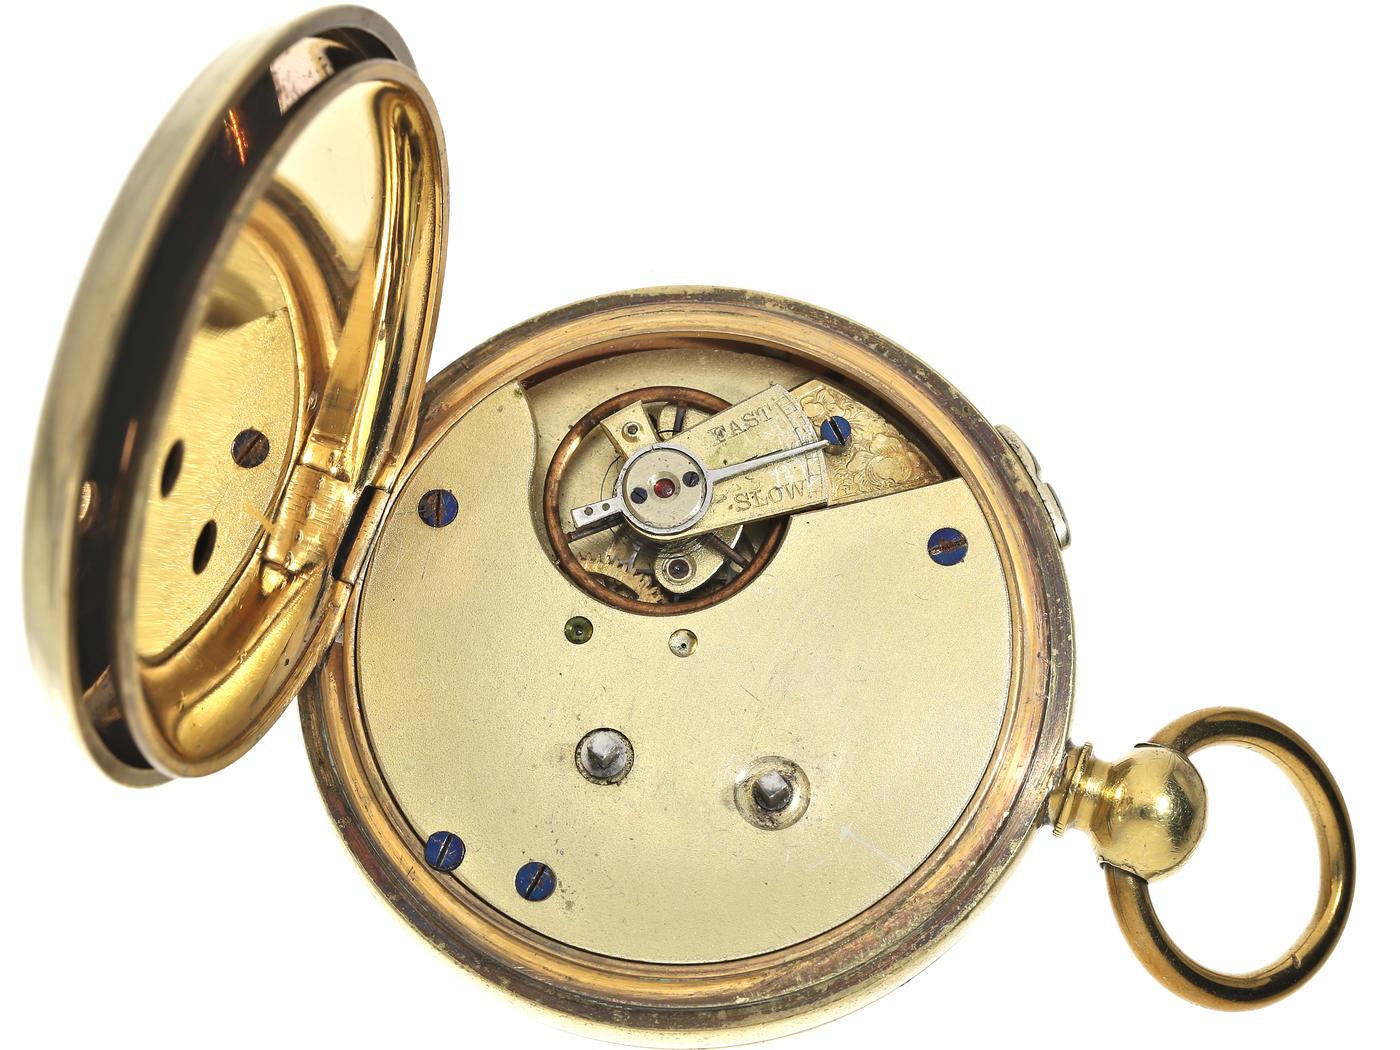 Taschenuhr: früher, großer Chronograph für den englischen Markt, Schlüsselaufzug, ca. 1890 Ca. - Bild 3 aus 3